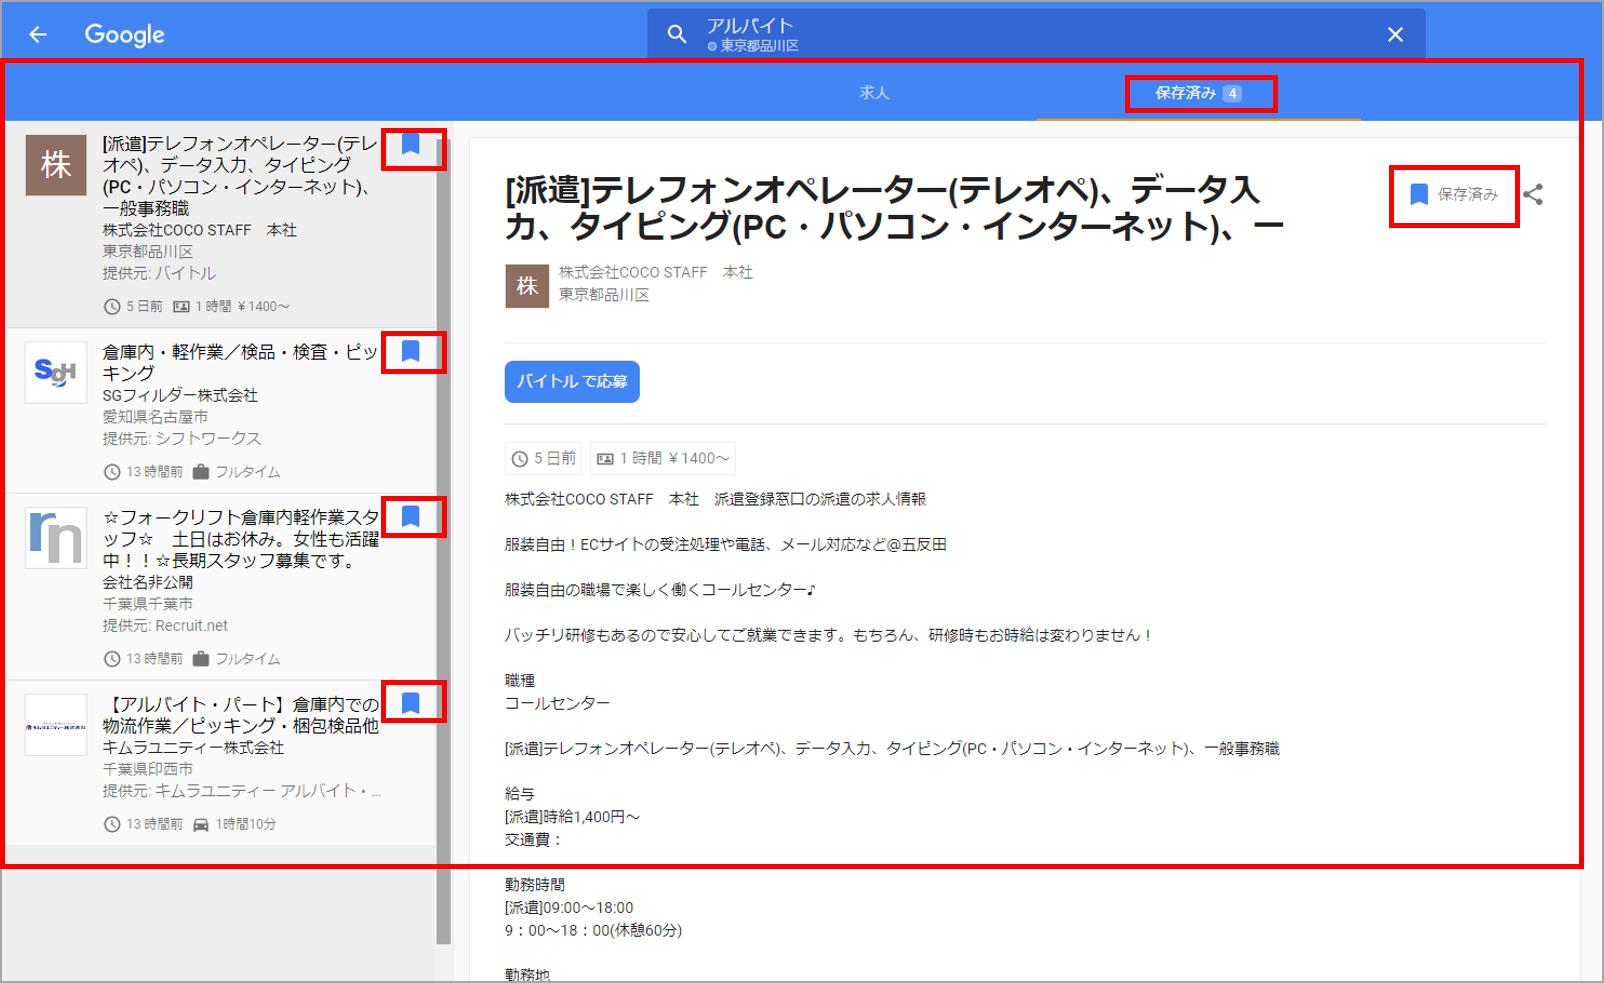 Google for Jobs-求人情報は保存することができます